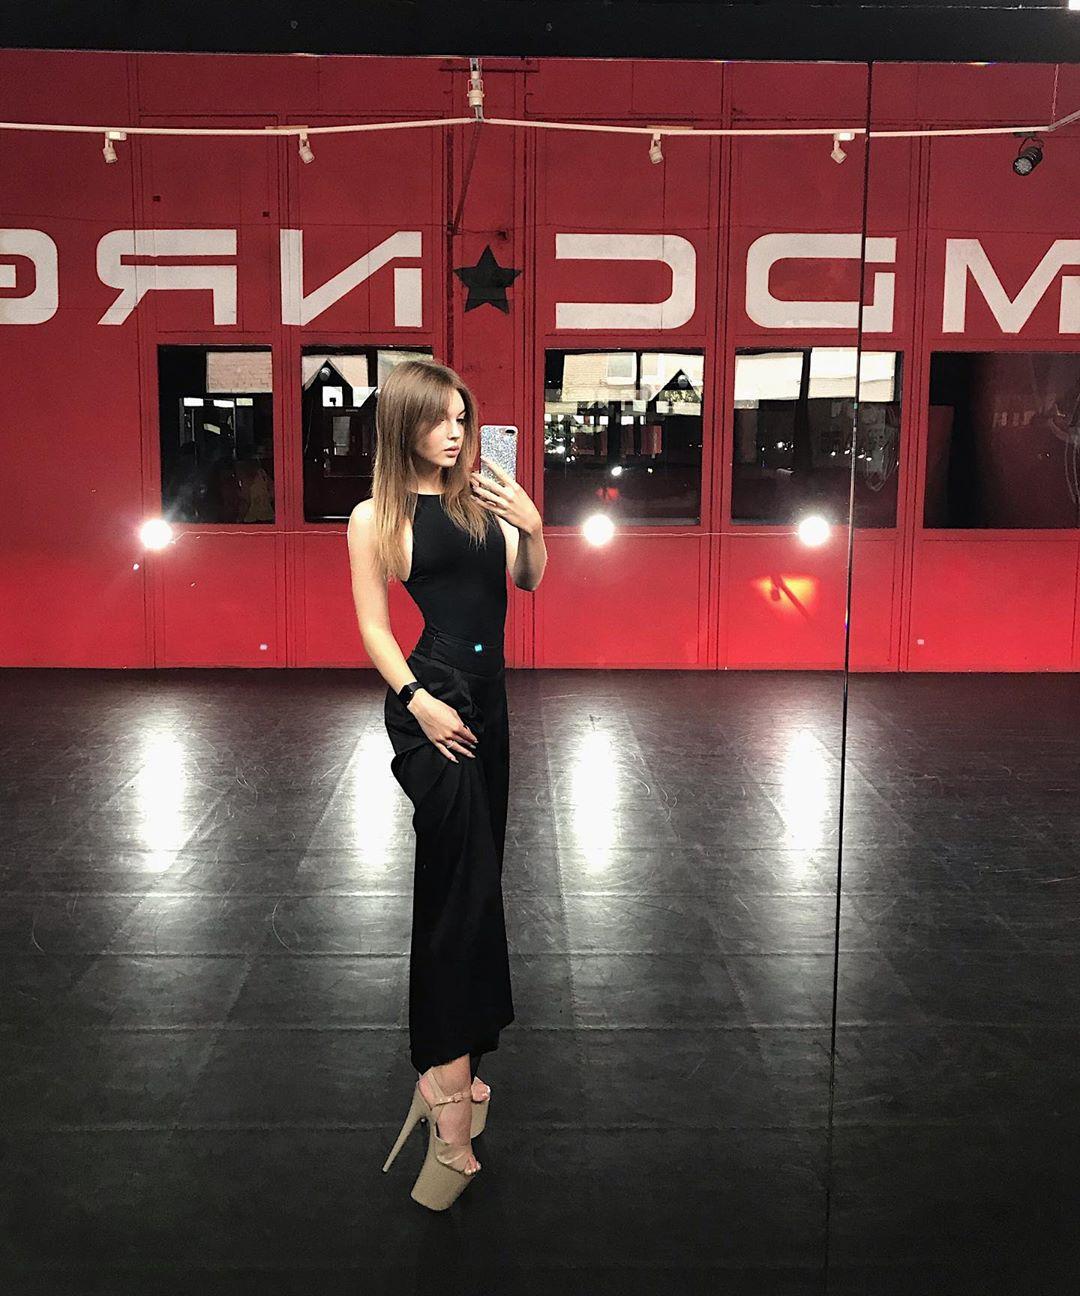 Даша Попова: биография участницы проекта «Танцы» на ТНТ